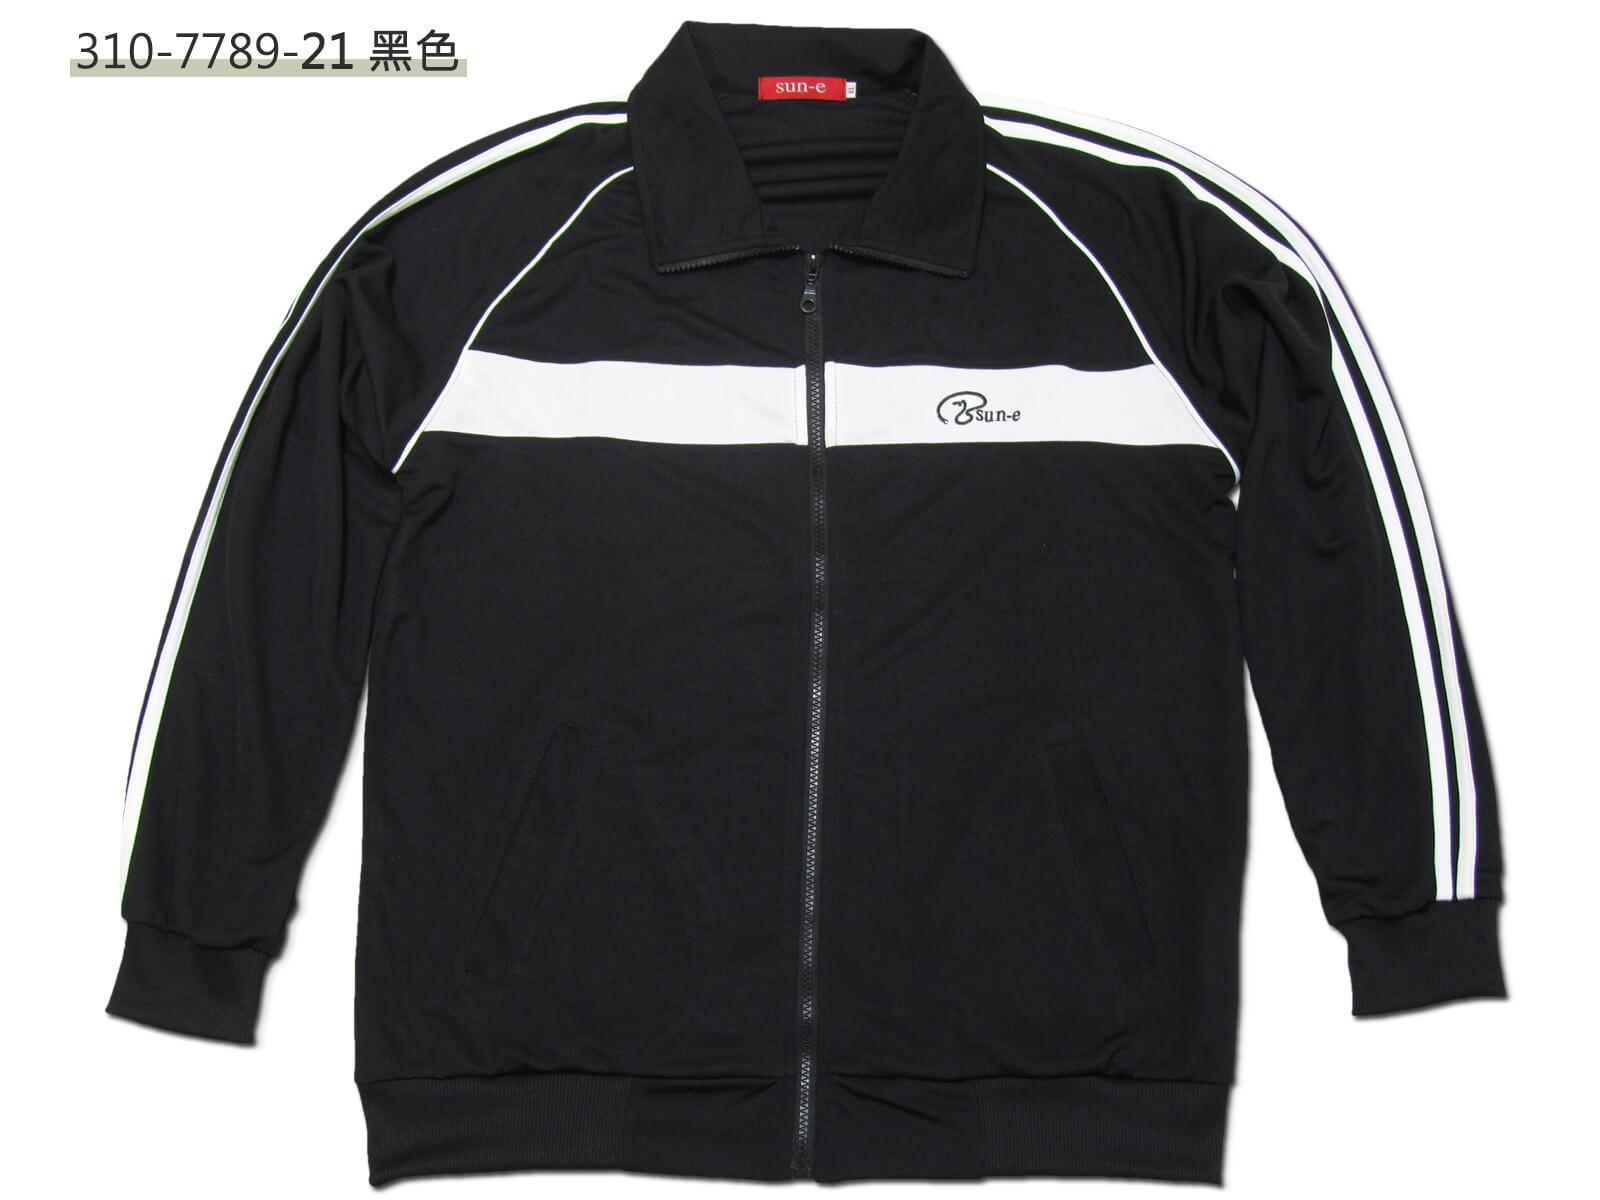 sun-e台灣製吸濕排汗薄外套、運動外套、單層薄外套、防曬外套、手臂配色織帶(310-7789-08)深藍色、(310-7789-21)黑色、(310-7789-22)深灰色 尺寸:L XL(胸圍:44~46英吋)(男女可穿) [實體店面保障] 3